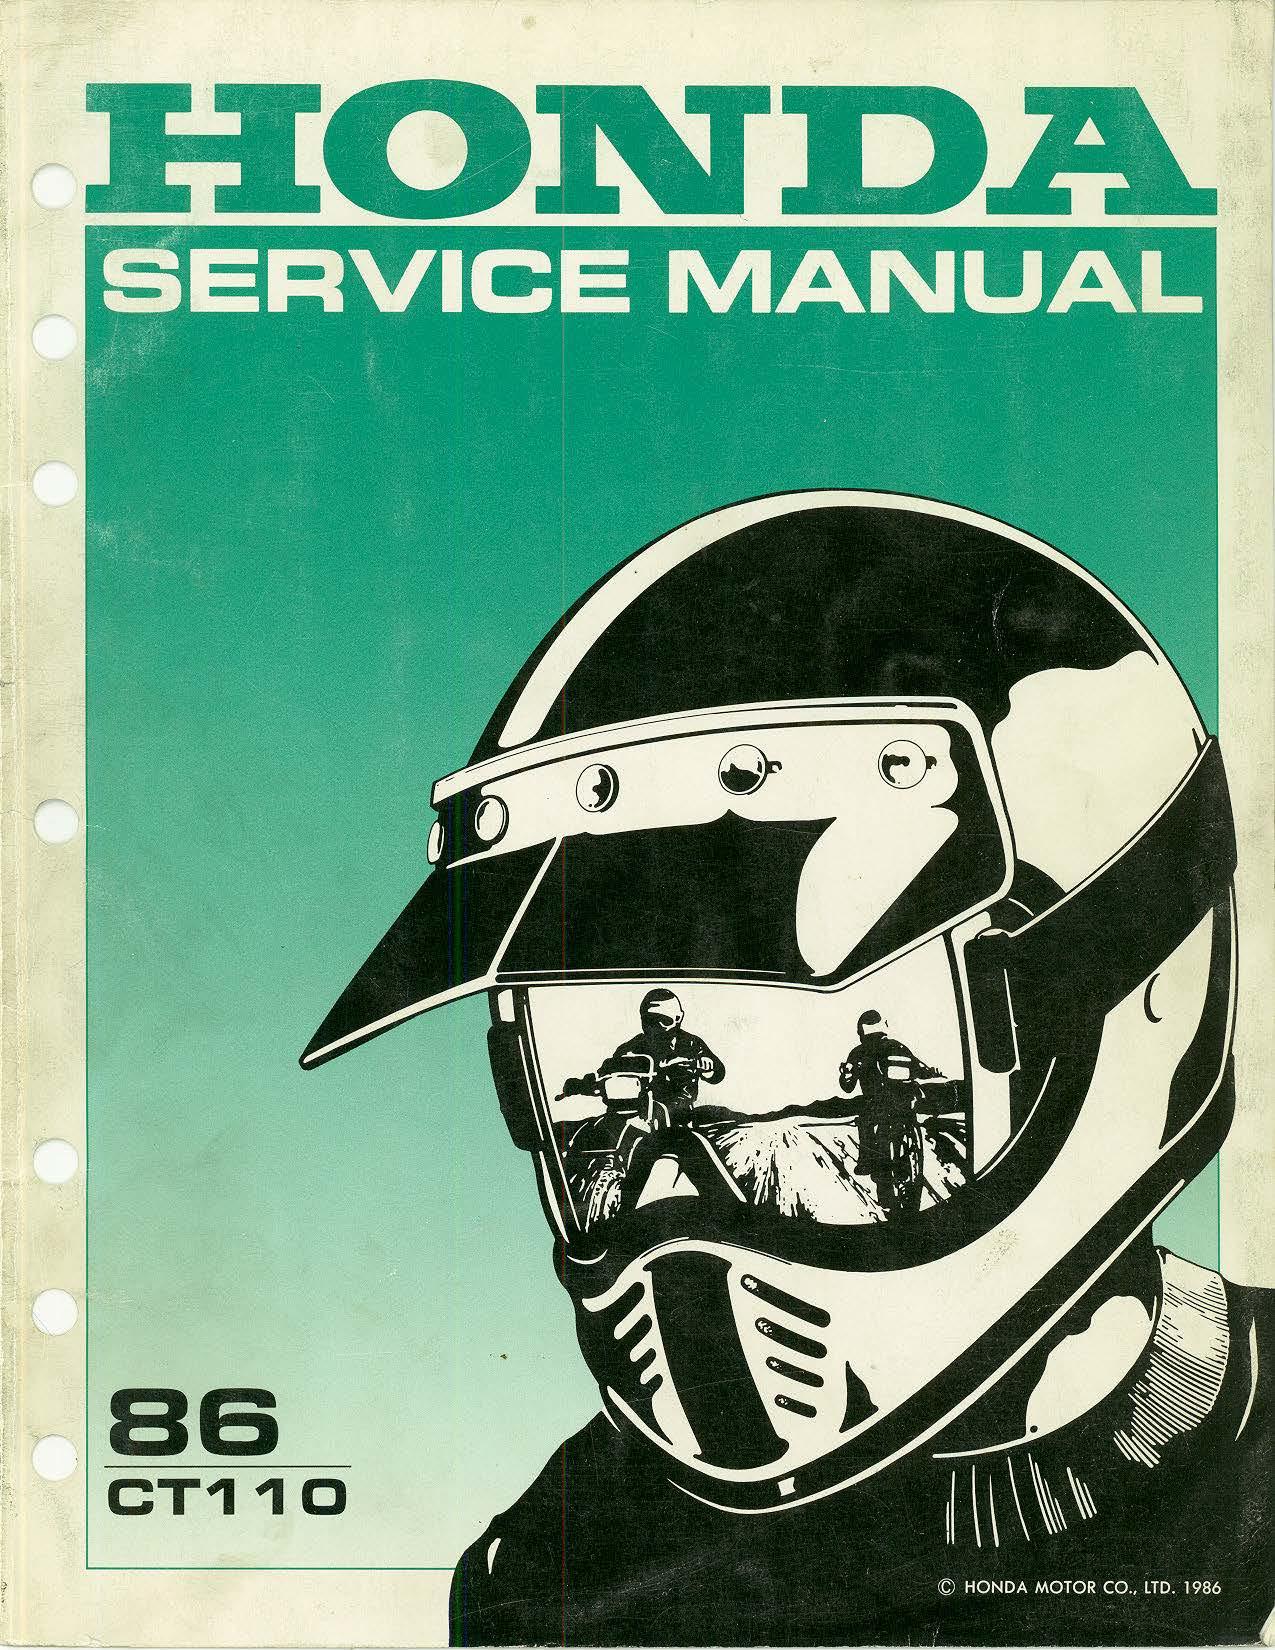 Workshop manual for Honda CT110 (1986)